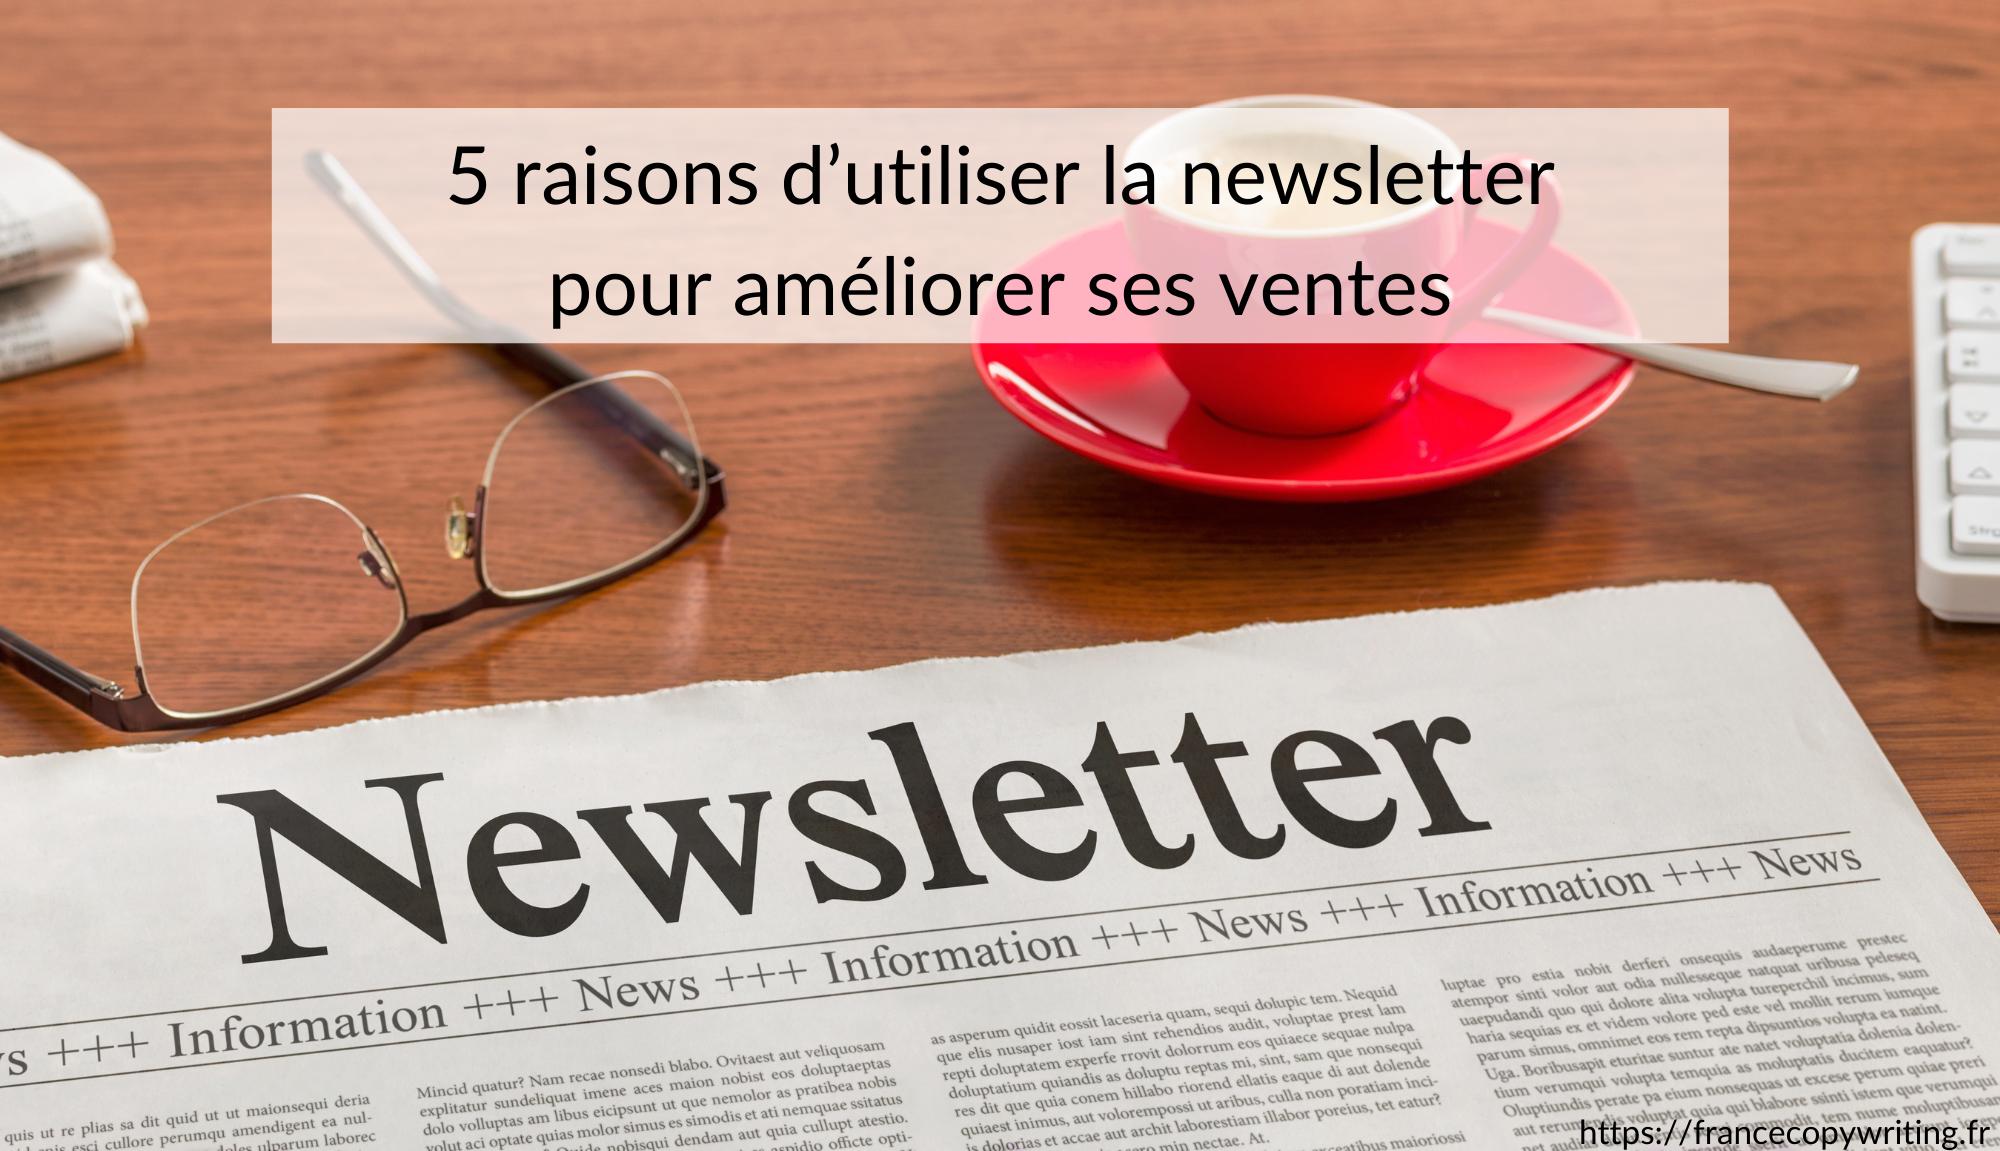 5 raisons d'utiliser la newsletter pour améliorer ses ventes